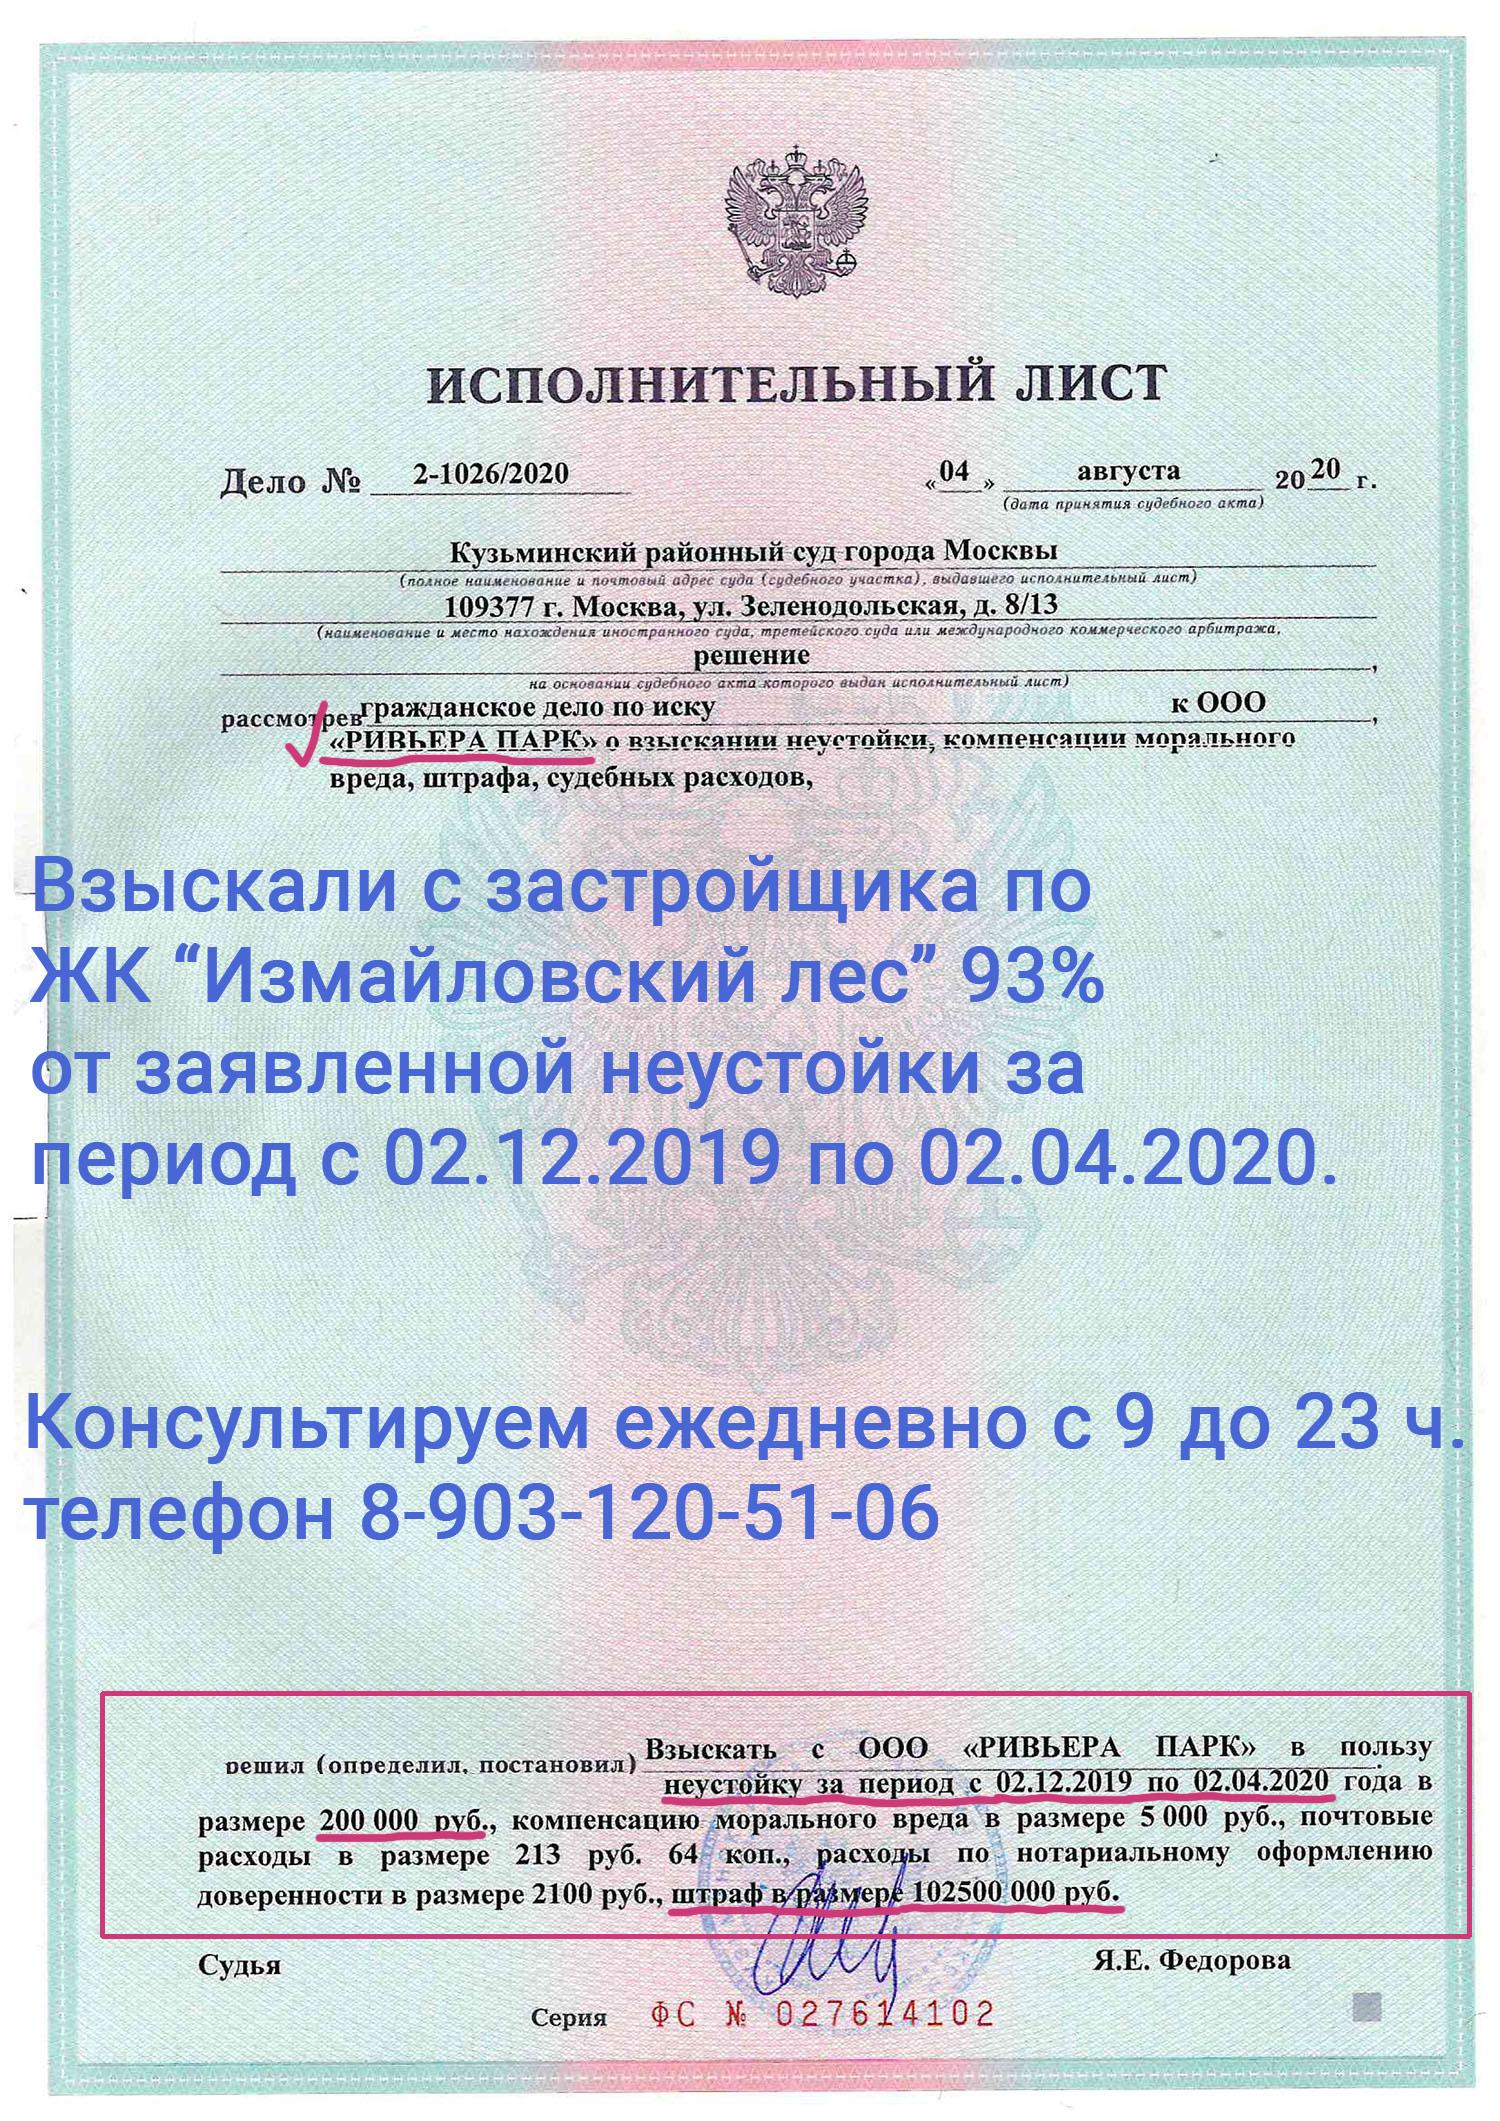 Исполнительное производство в отношении ПИКовского застройщика ООО Ривьера Парк